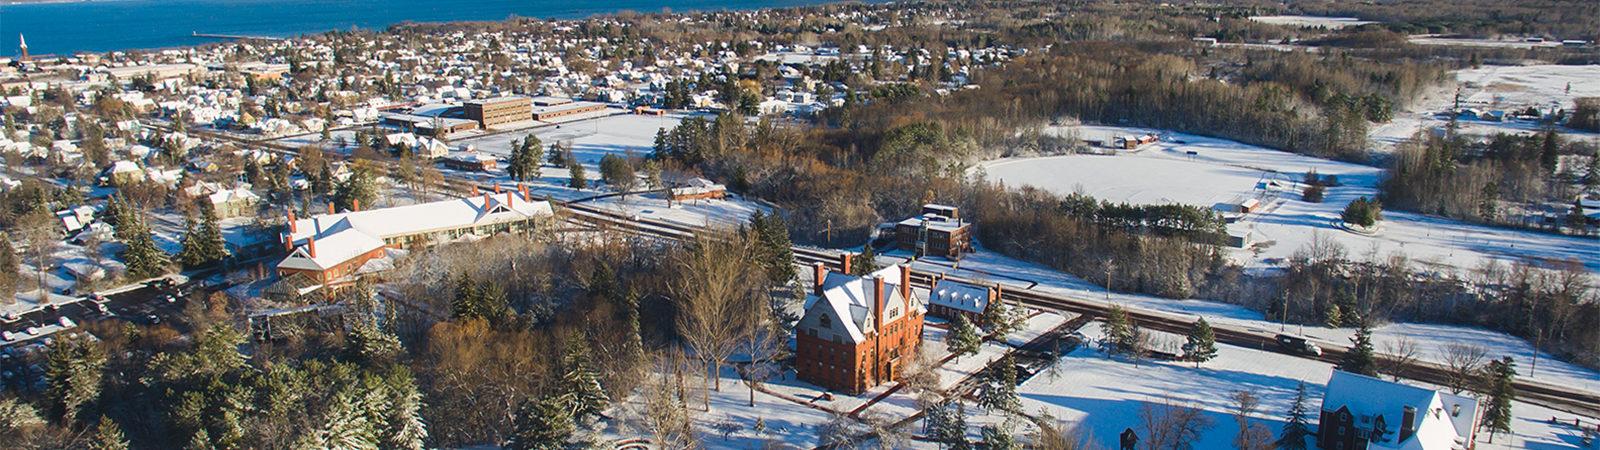 Northland College Winter Campus Ariel